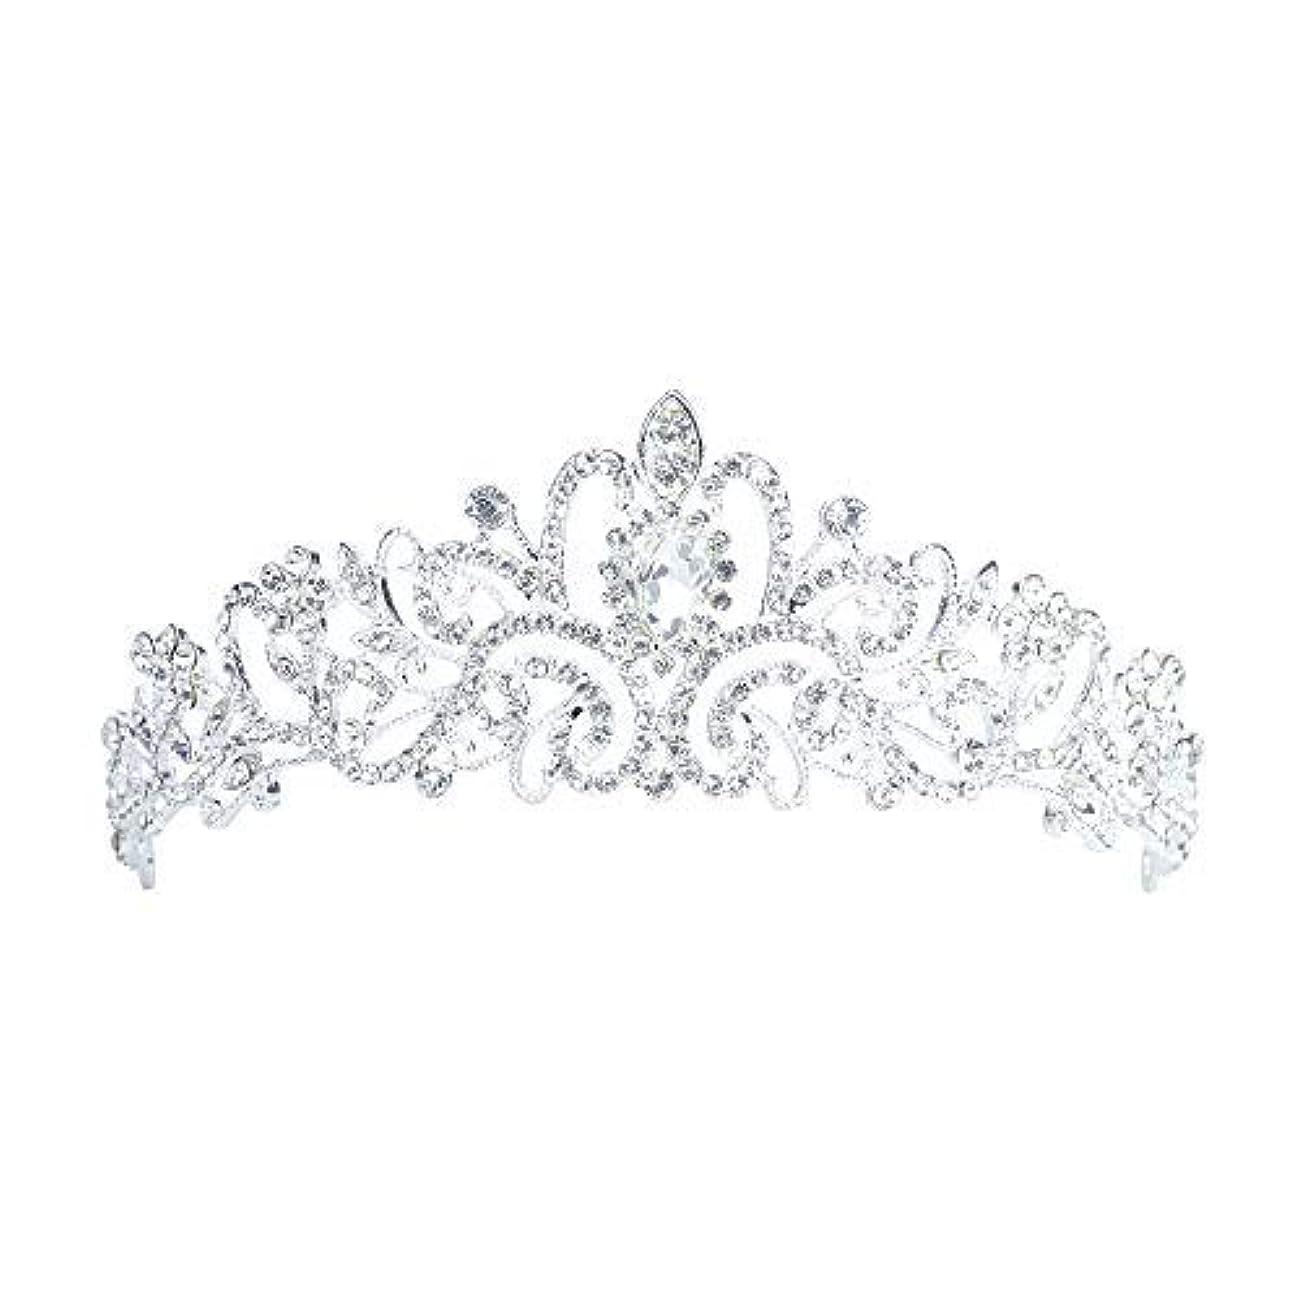 荒れ地煙突苦行Lermity Hair Comb Crown Rhinestone Hairpins Bridal Wedding Hair Accessories Jewelry Austrian Crystals Hair Clips...